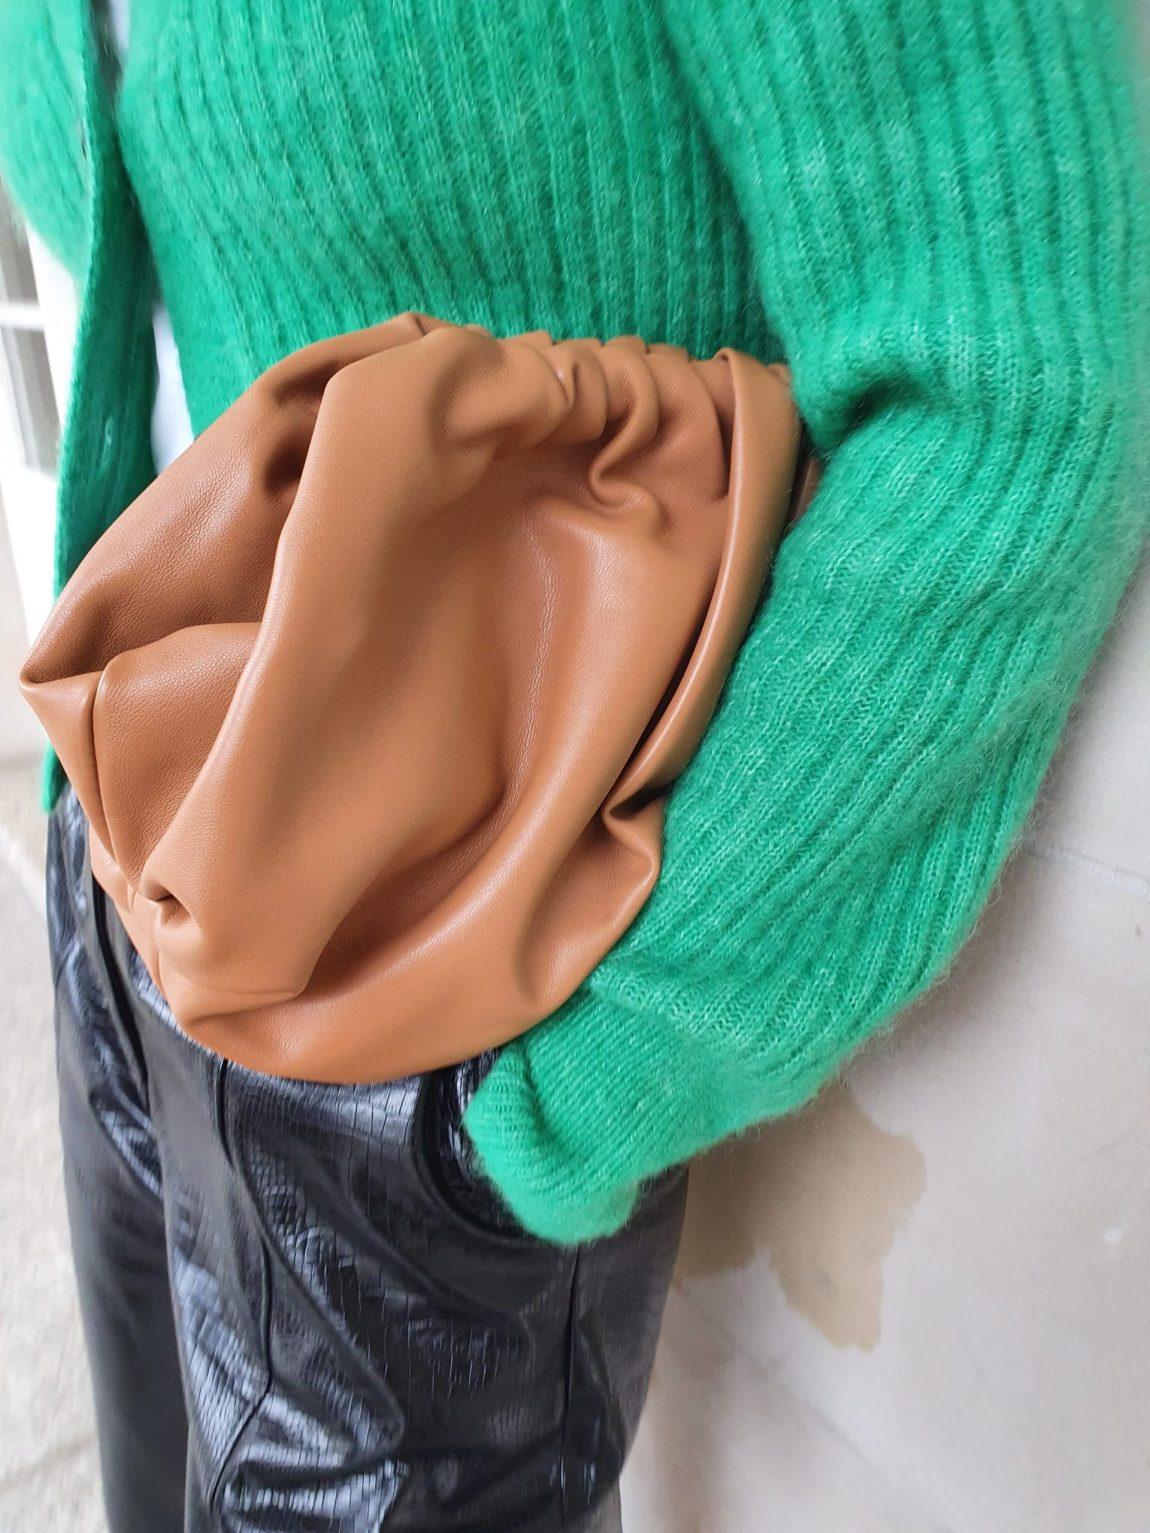 material-mix-herbst-mode-blog-ue50-vegane-lederhose-kombinieren-oceanblue-style.jpg